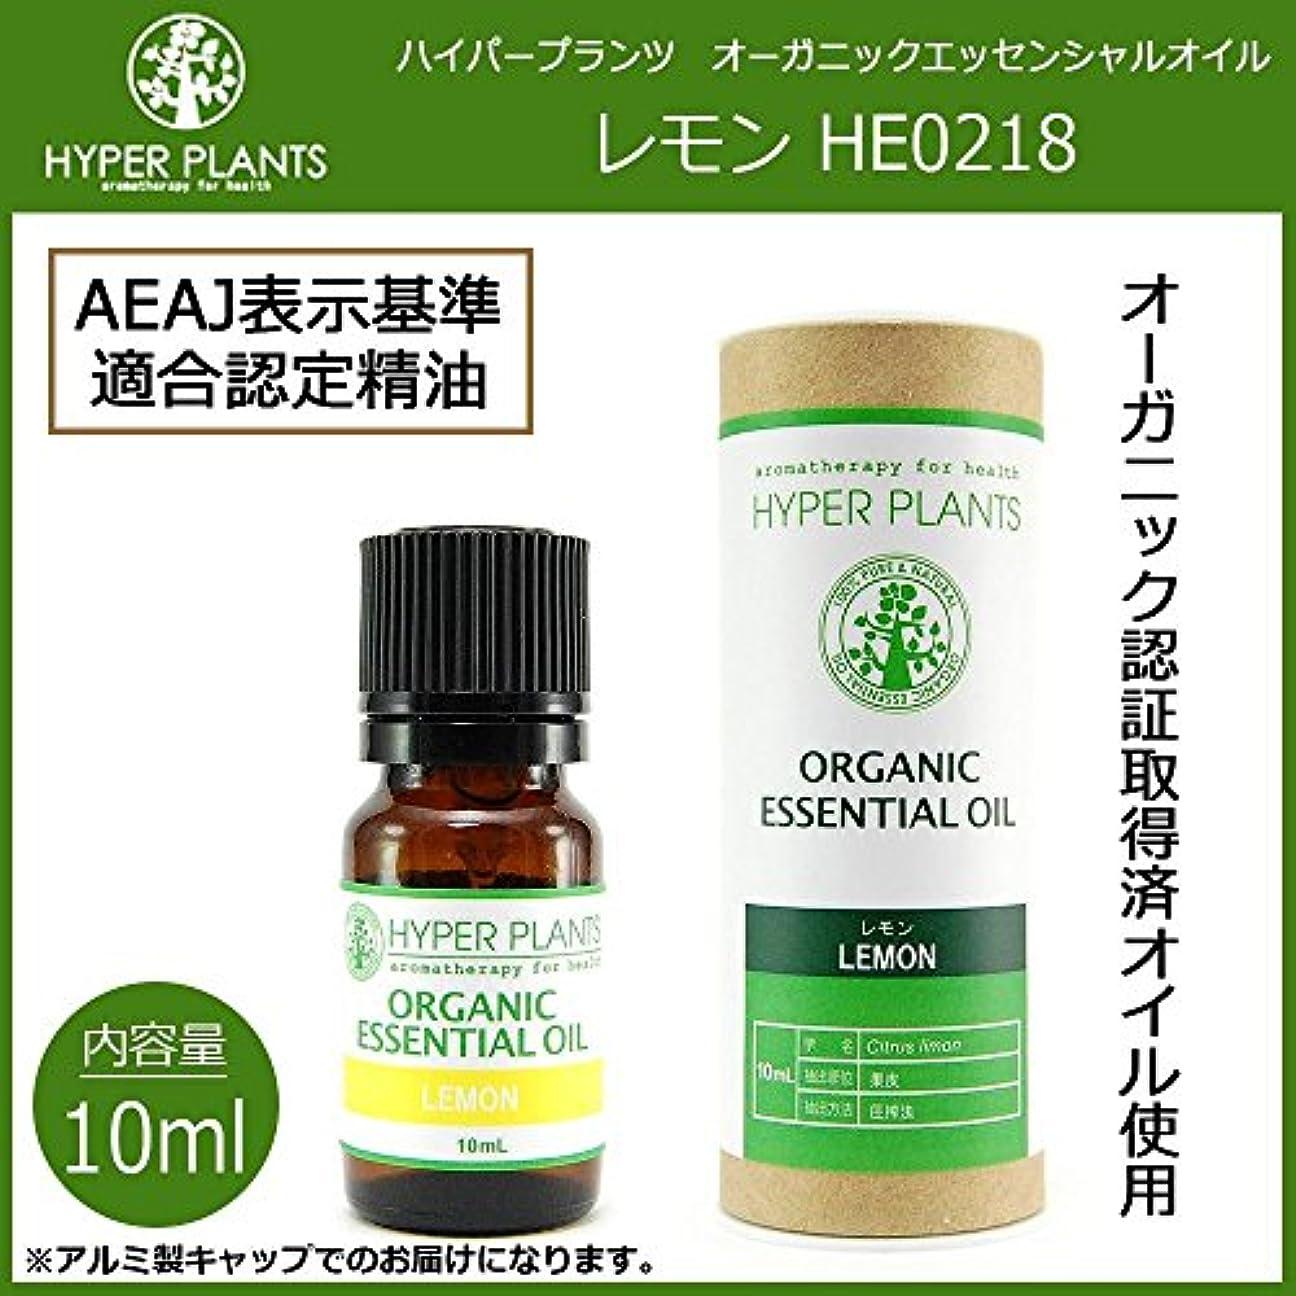 気味の悪いスプーンまた明日ねHYPER PLANTS ハイパープランツ オーガニックエッセンシャルオイル レモン 10ml HE0218